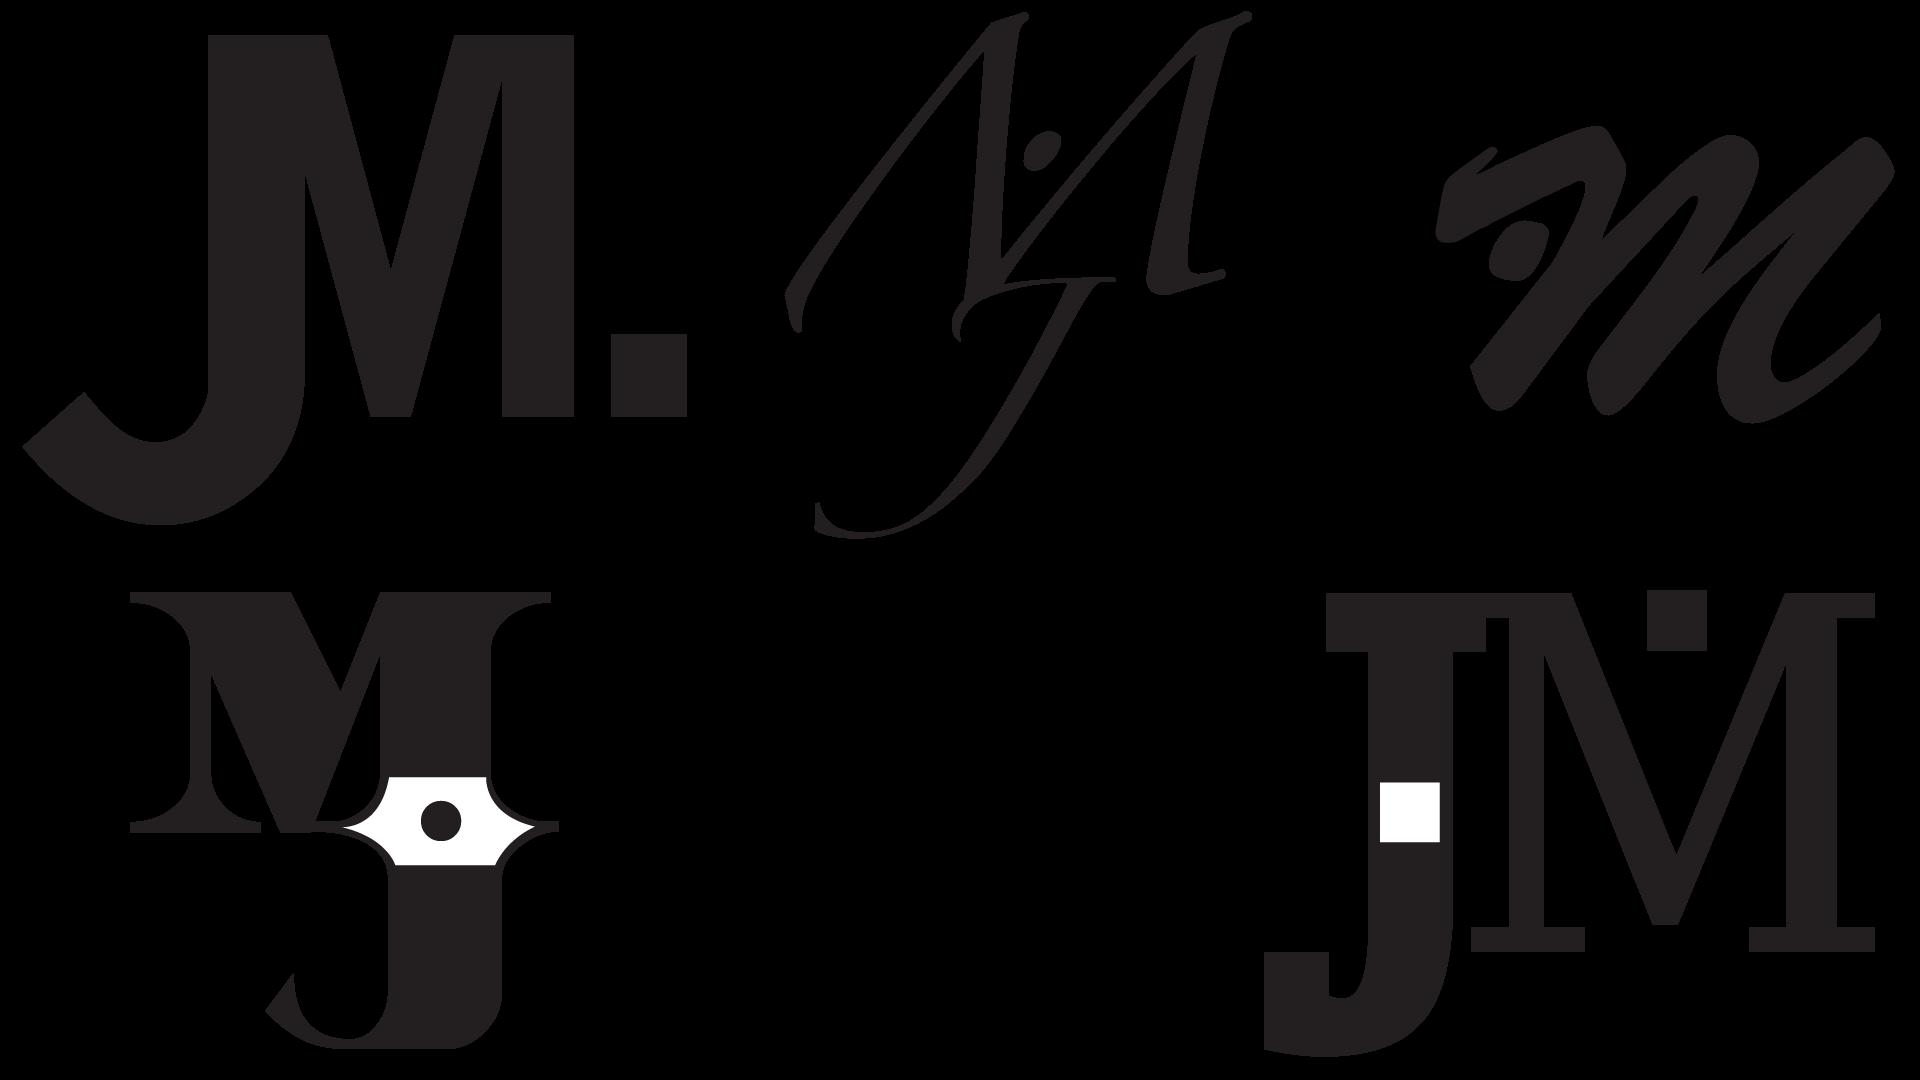 Monogram4MainsAndVariations.png